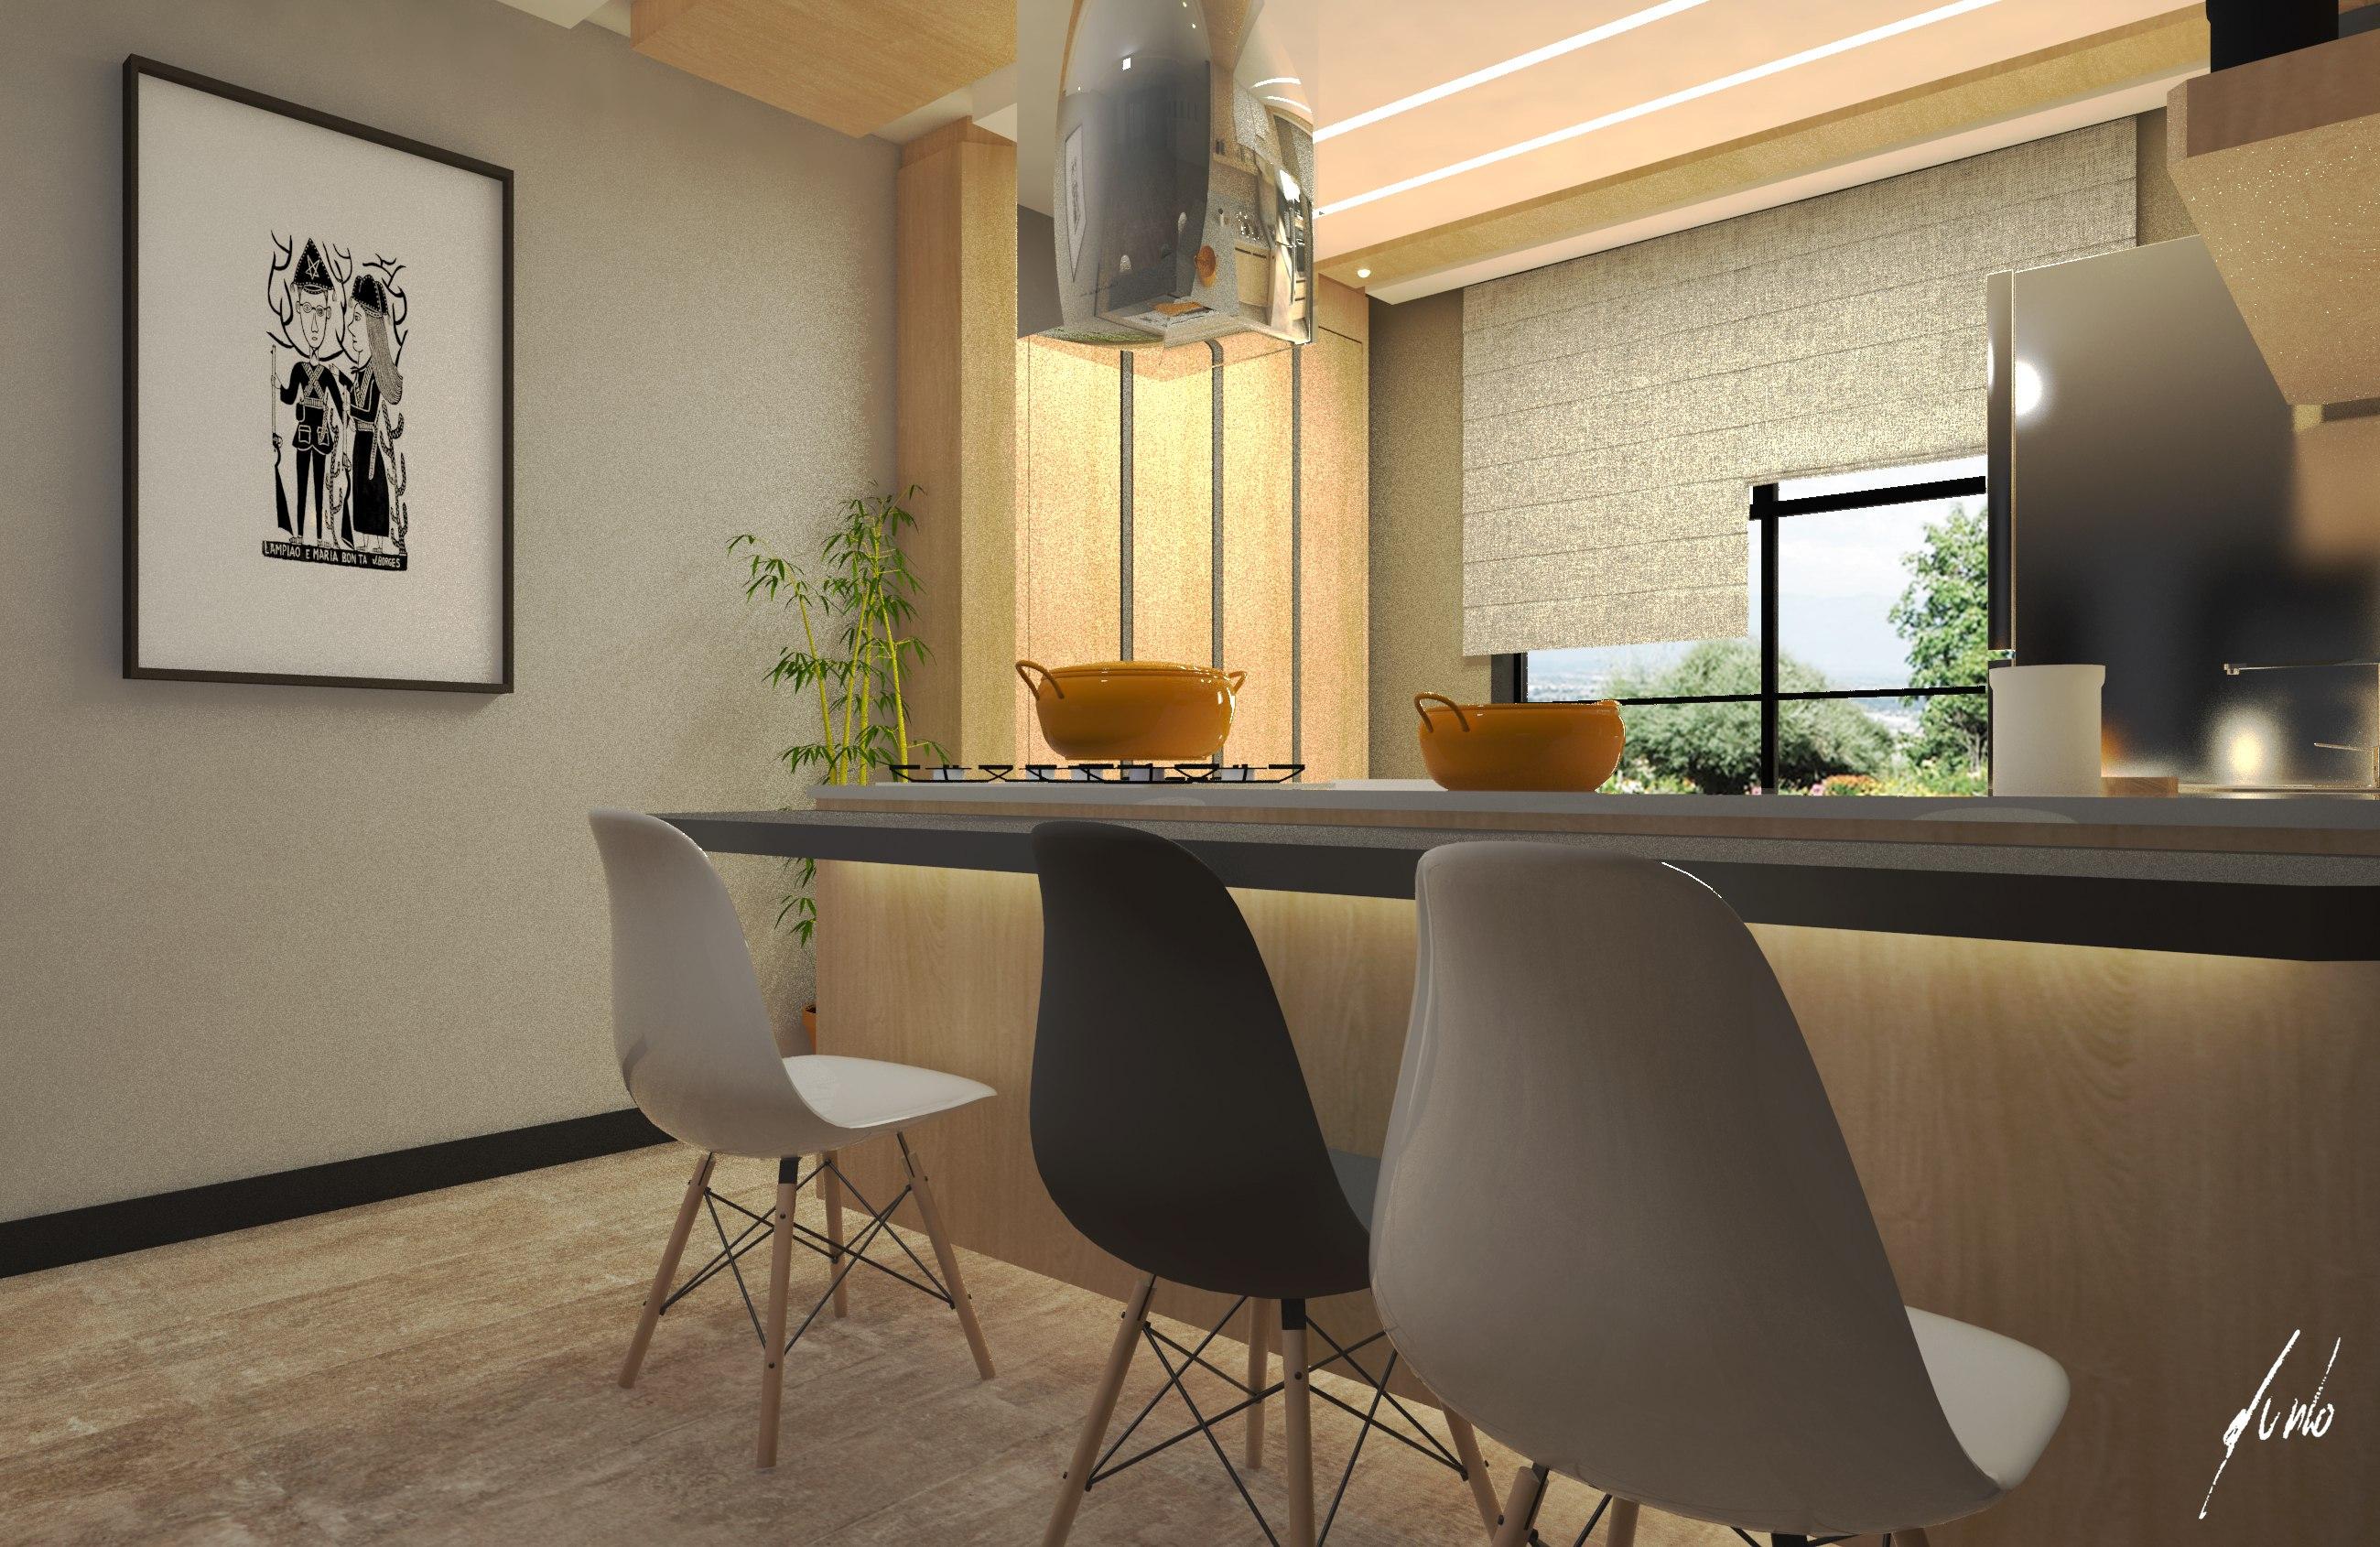 Cozinha moderna, minimalista, com ilha, em cinza e madeirados de tons quentes - Projeto de design por Murilo Zadulski - Designer de interiores em curitiba - img0106